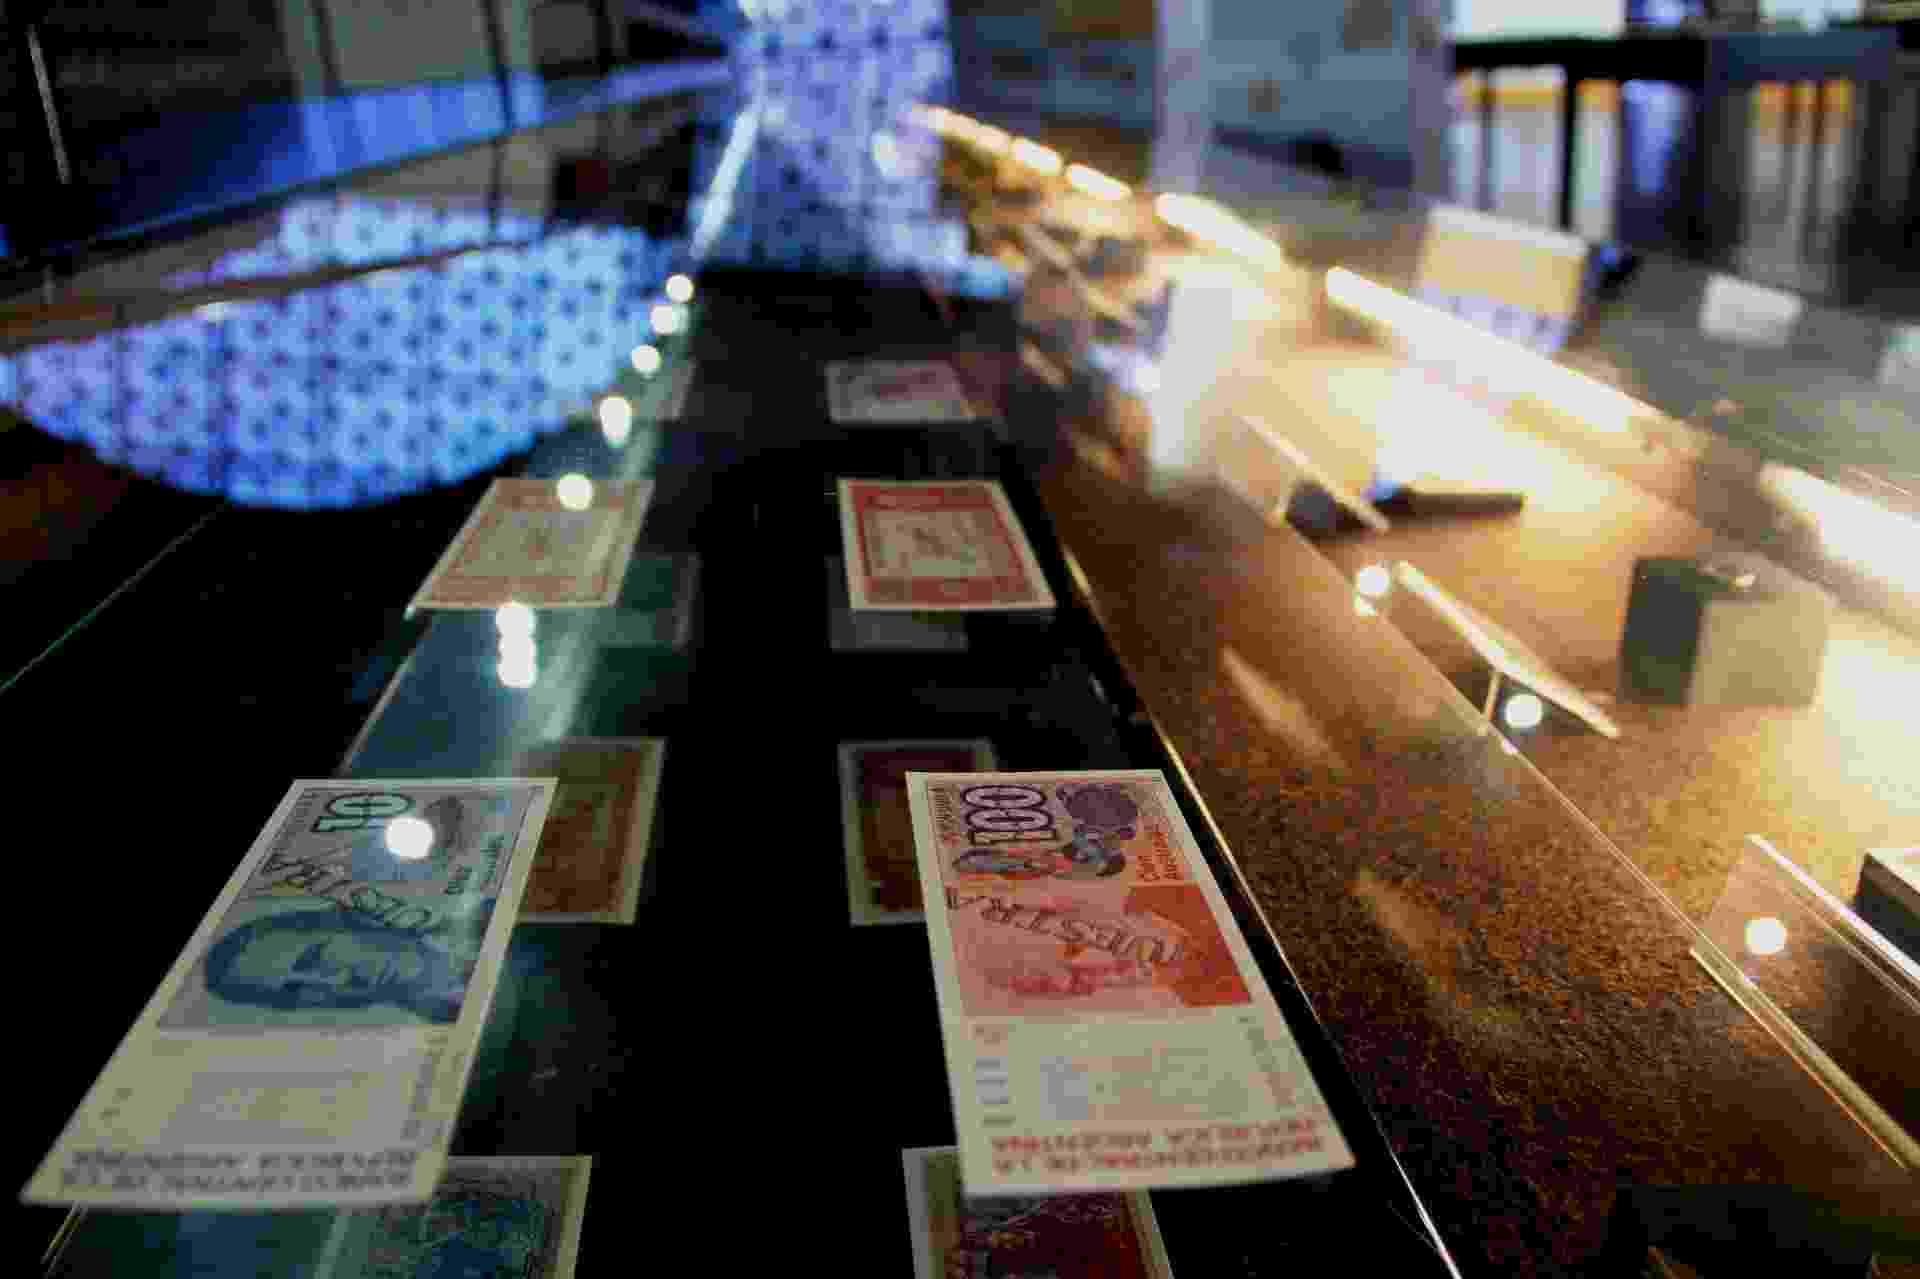 Moedas e cédulas de países da América Latina na exposição Moedas do Brasil e da América Latina - Divulgação